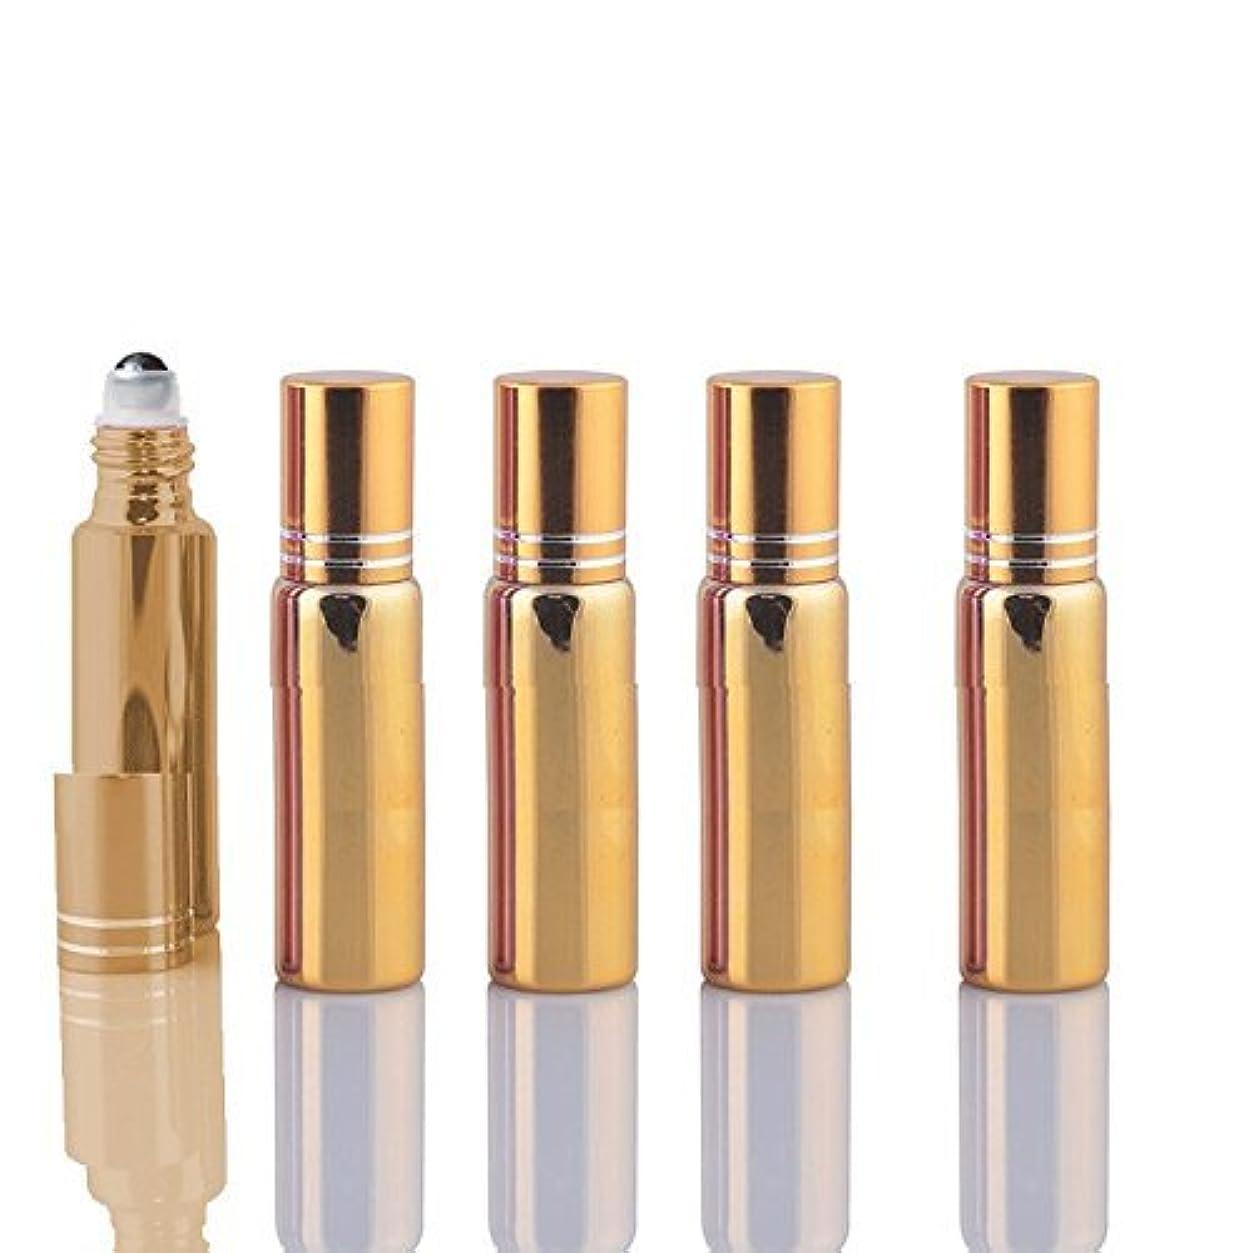 有効化伝統博覧会10 Sets Colored 5ml UV Coated Glass Roller Ball Refillable Rollon Bottles Grand Parfums with Stainless Steel Rollers...